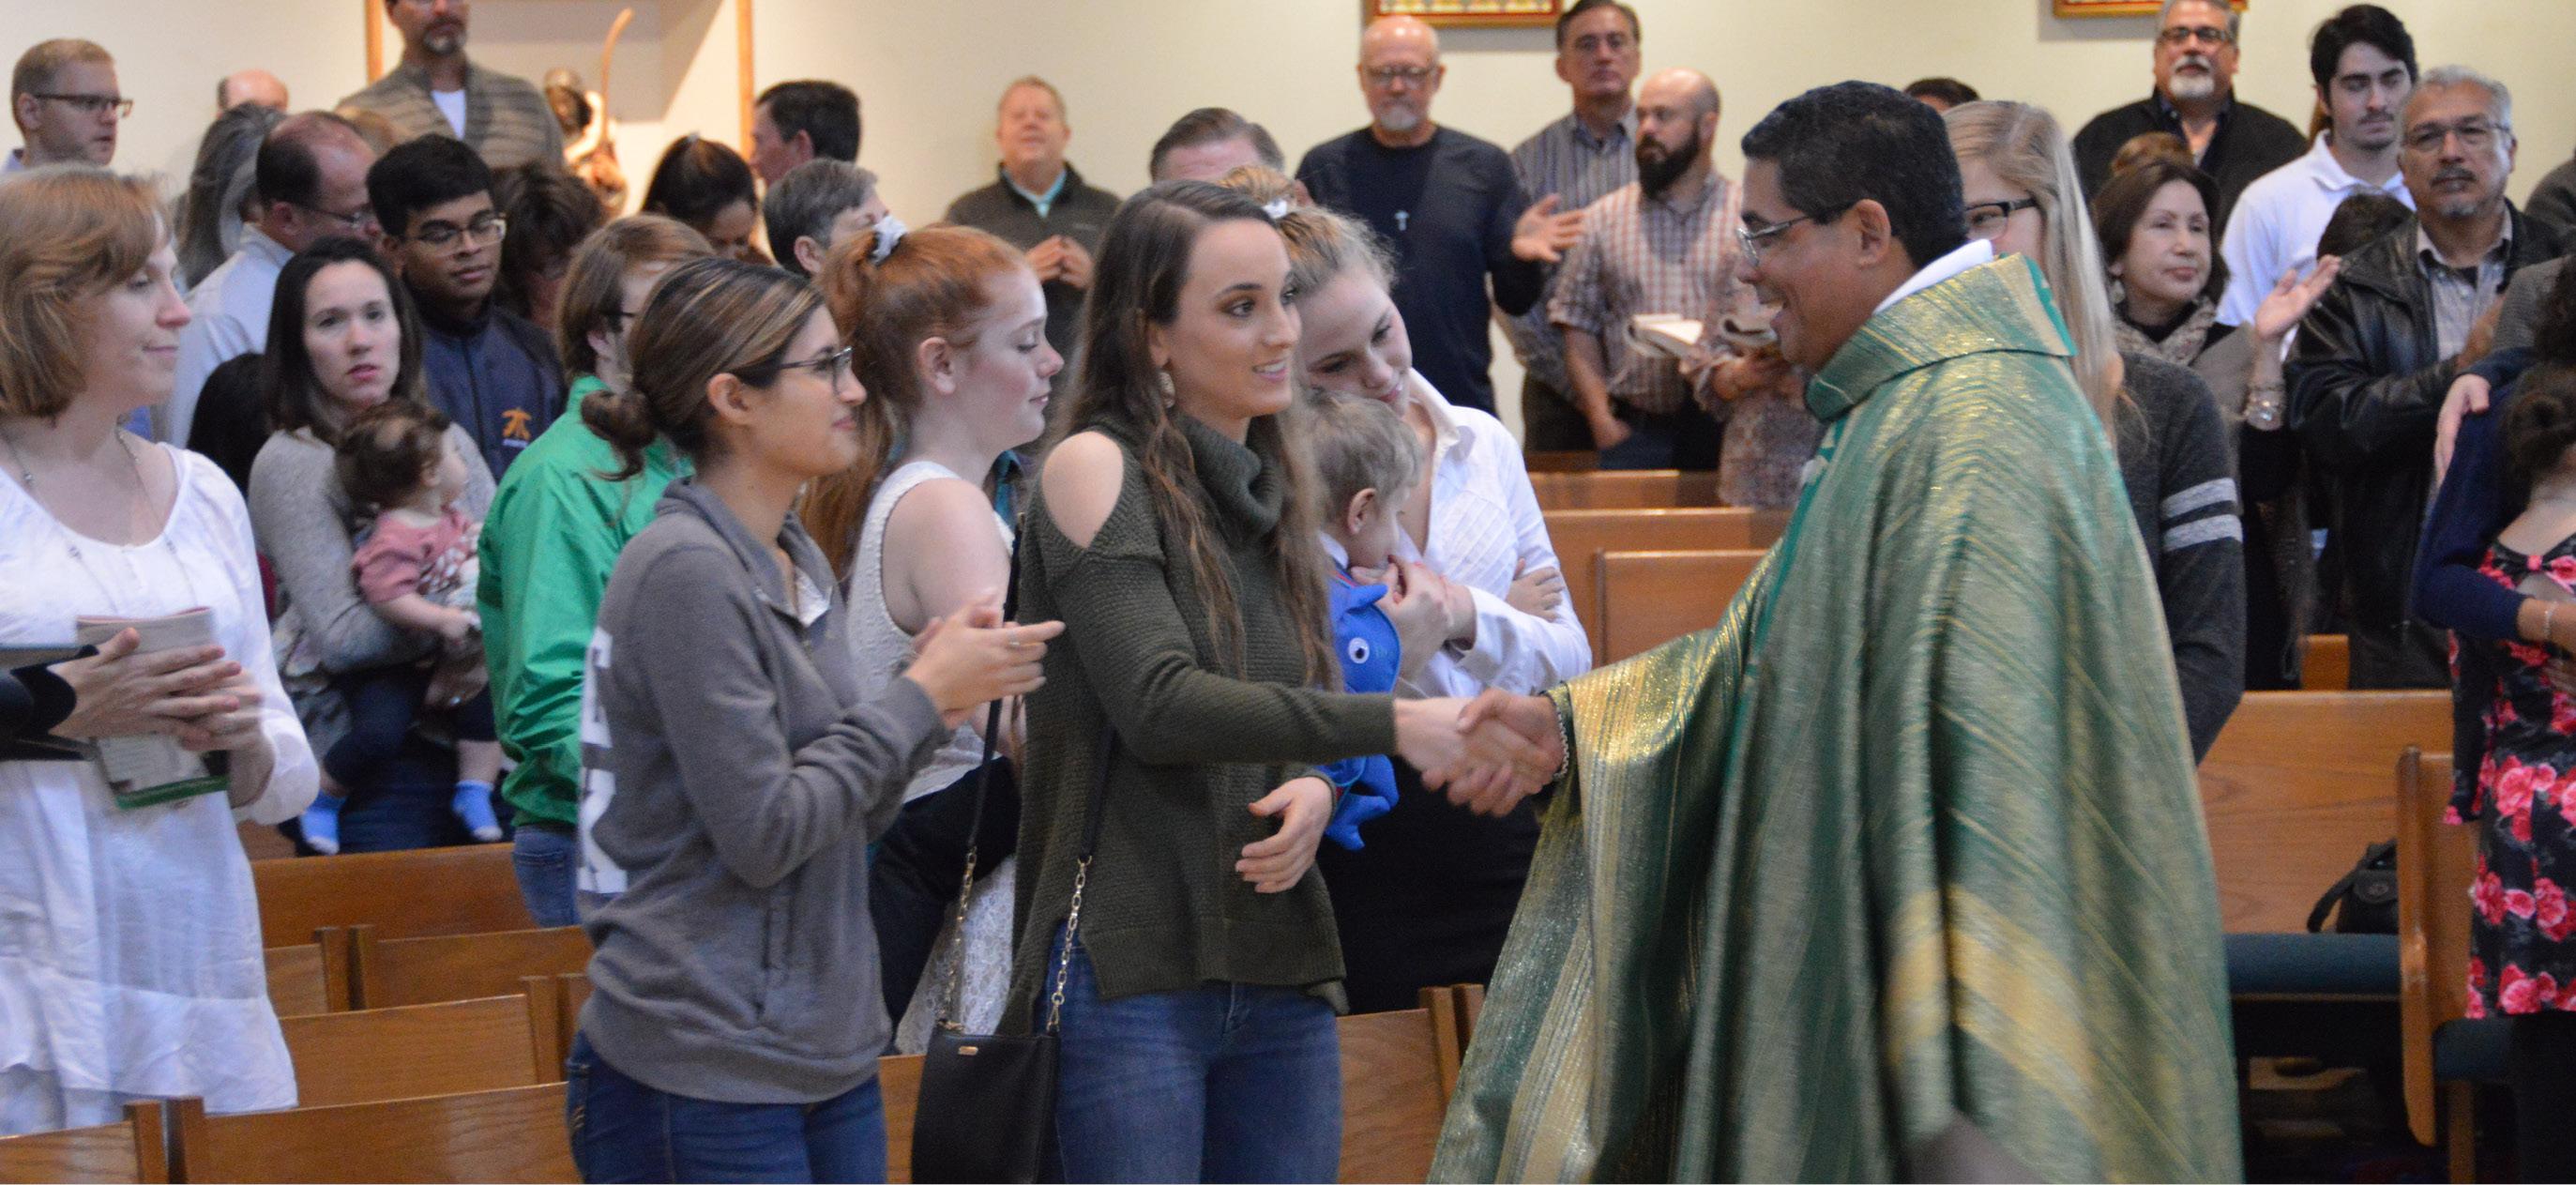 Fr.-Tony-Shaking-Hand